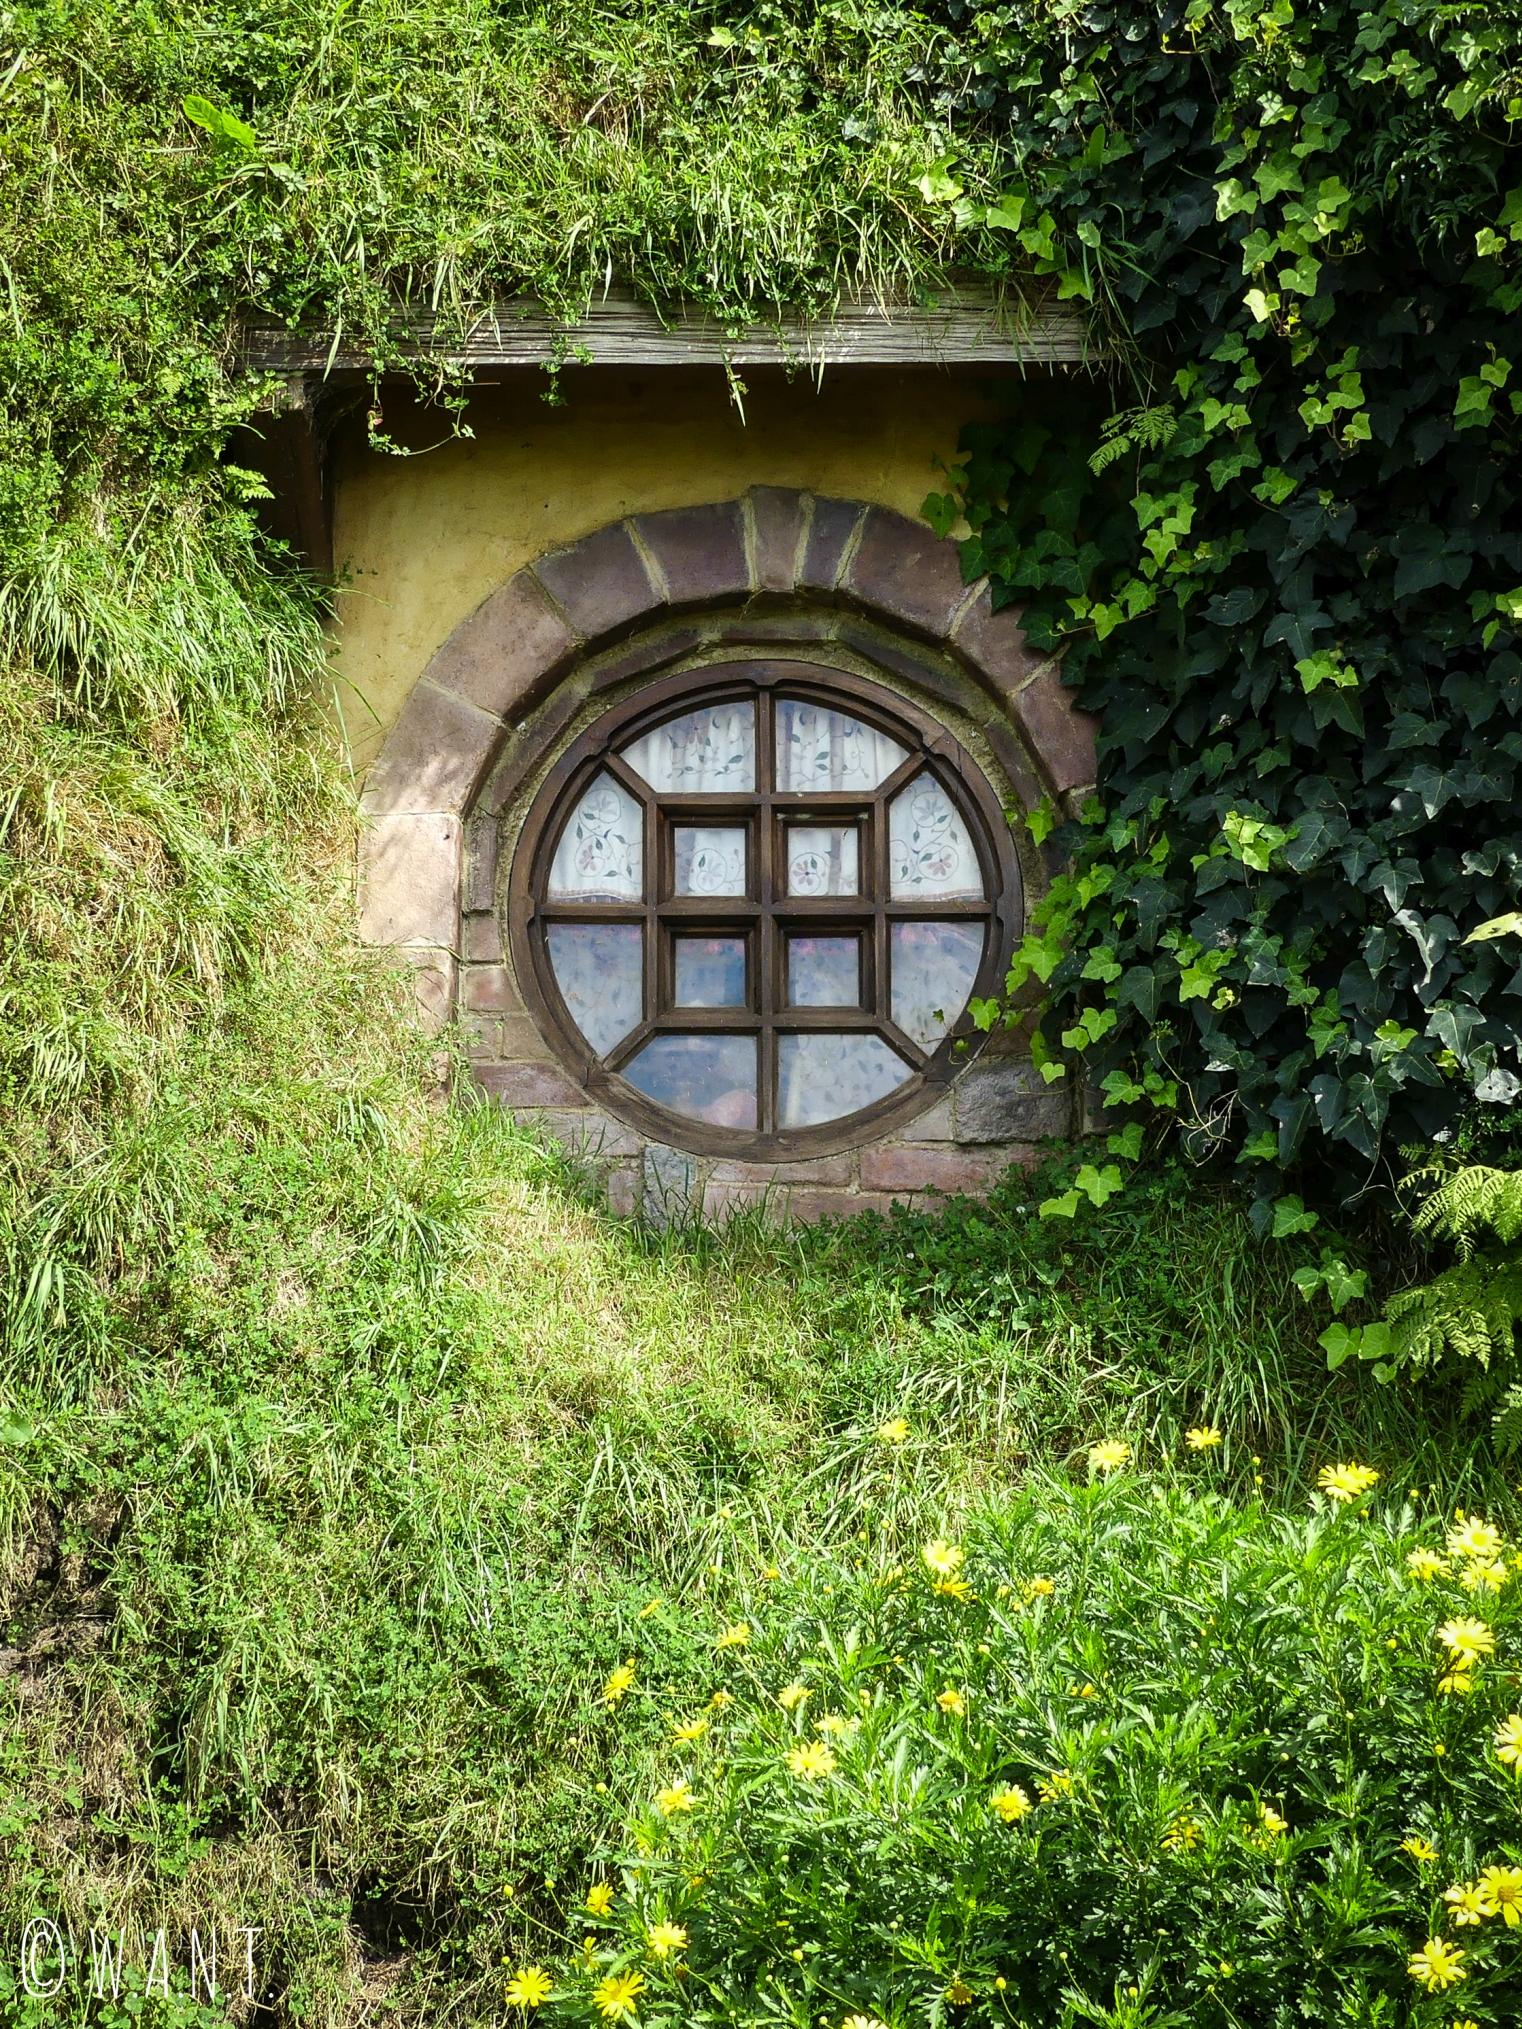 Y-aurait-il un petit hobbit qui nous observerait depuis la fenêtre de sa maison à Hobbiton en Nouvelle-Zélande